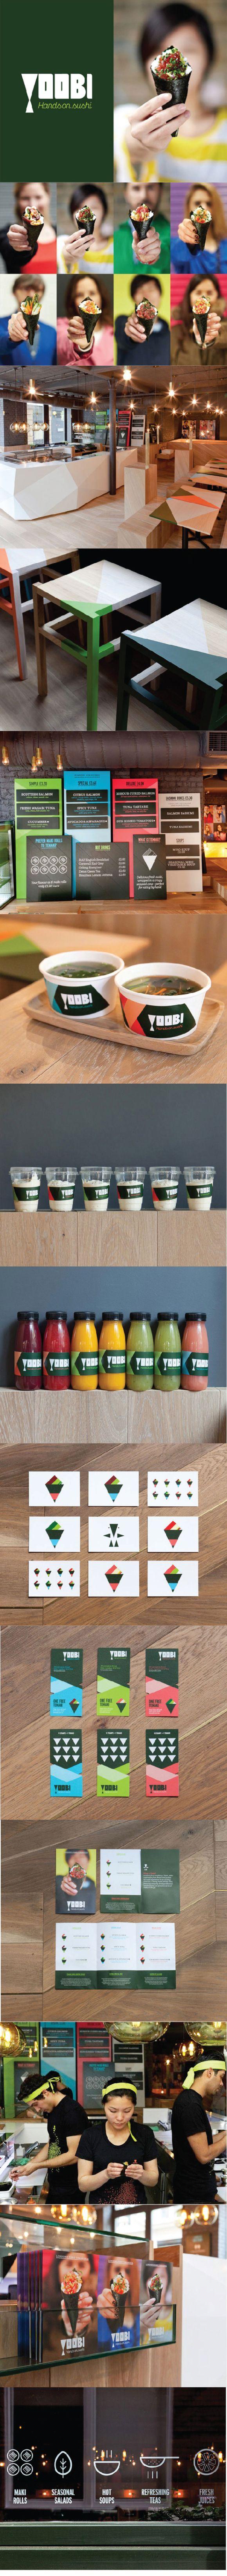 Yoobi #branding #identity